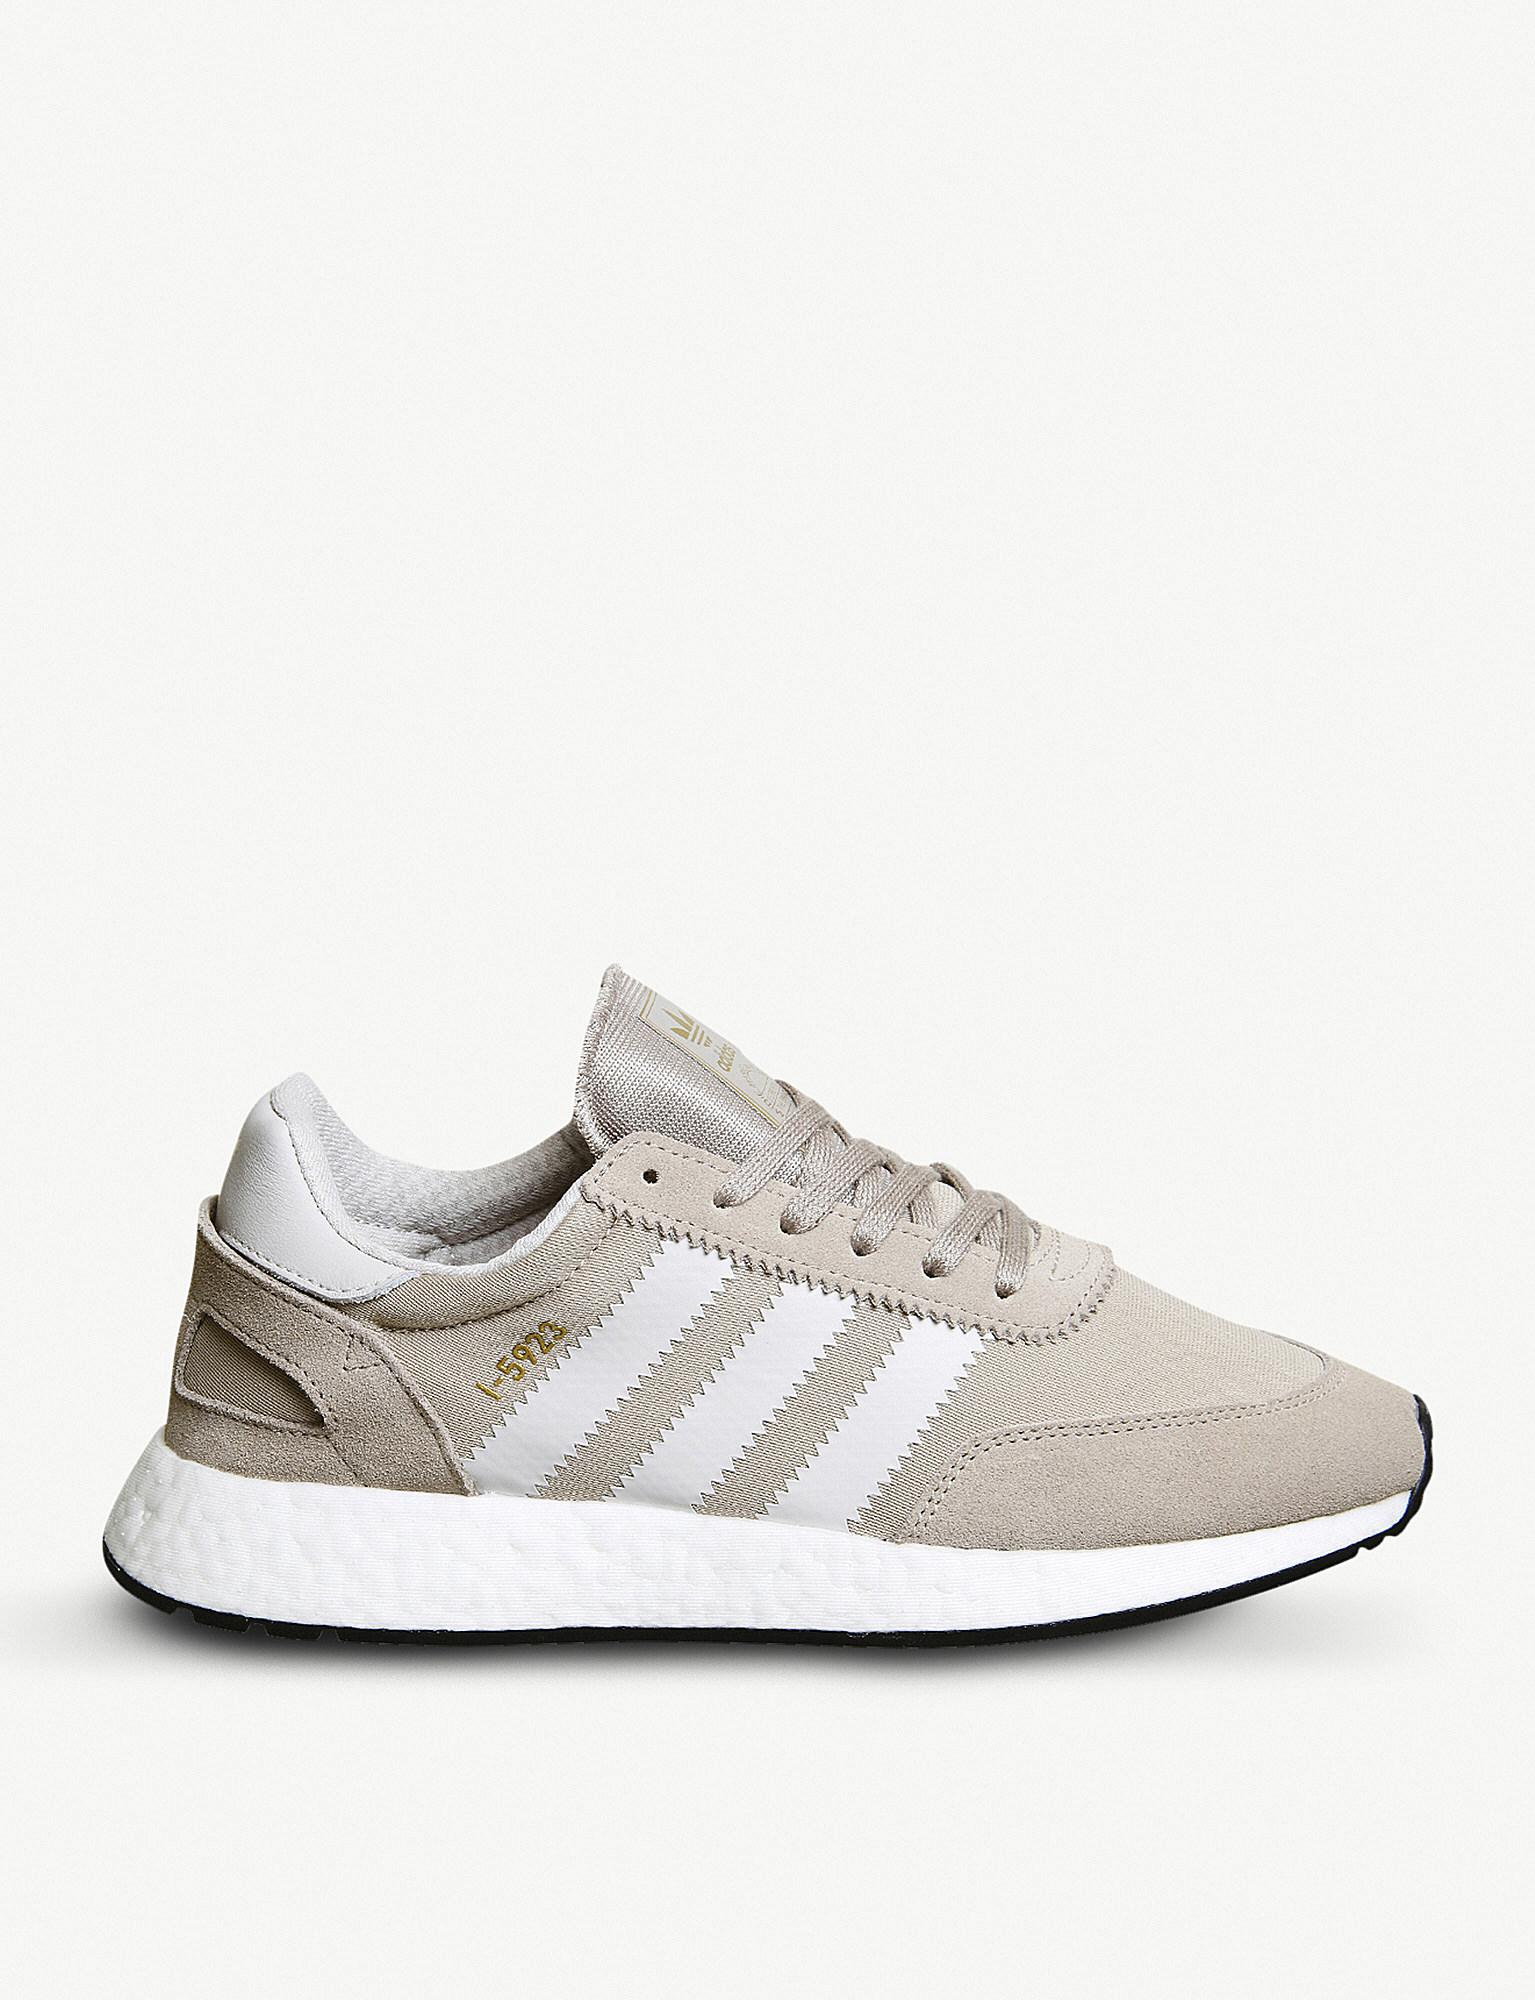 Adidas - 5923 di vapore grigio gesso scamosciato formatori in grigio per gli uomini lyst